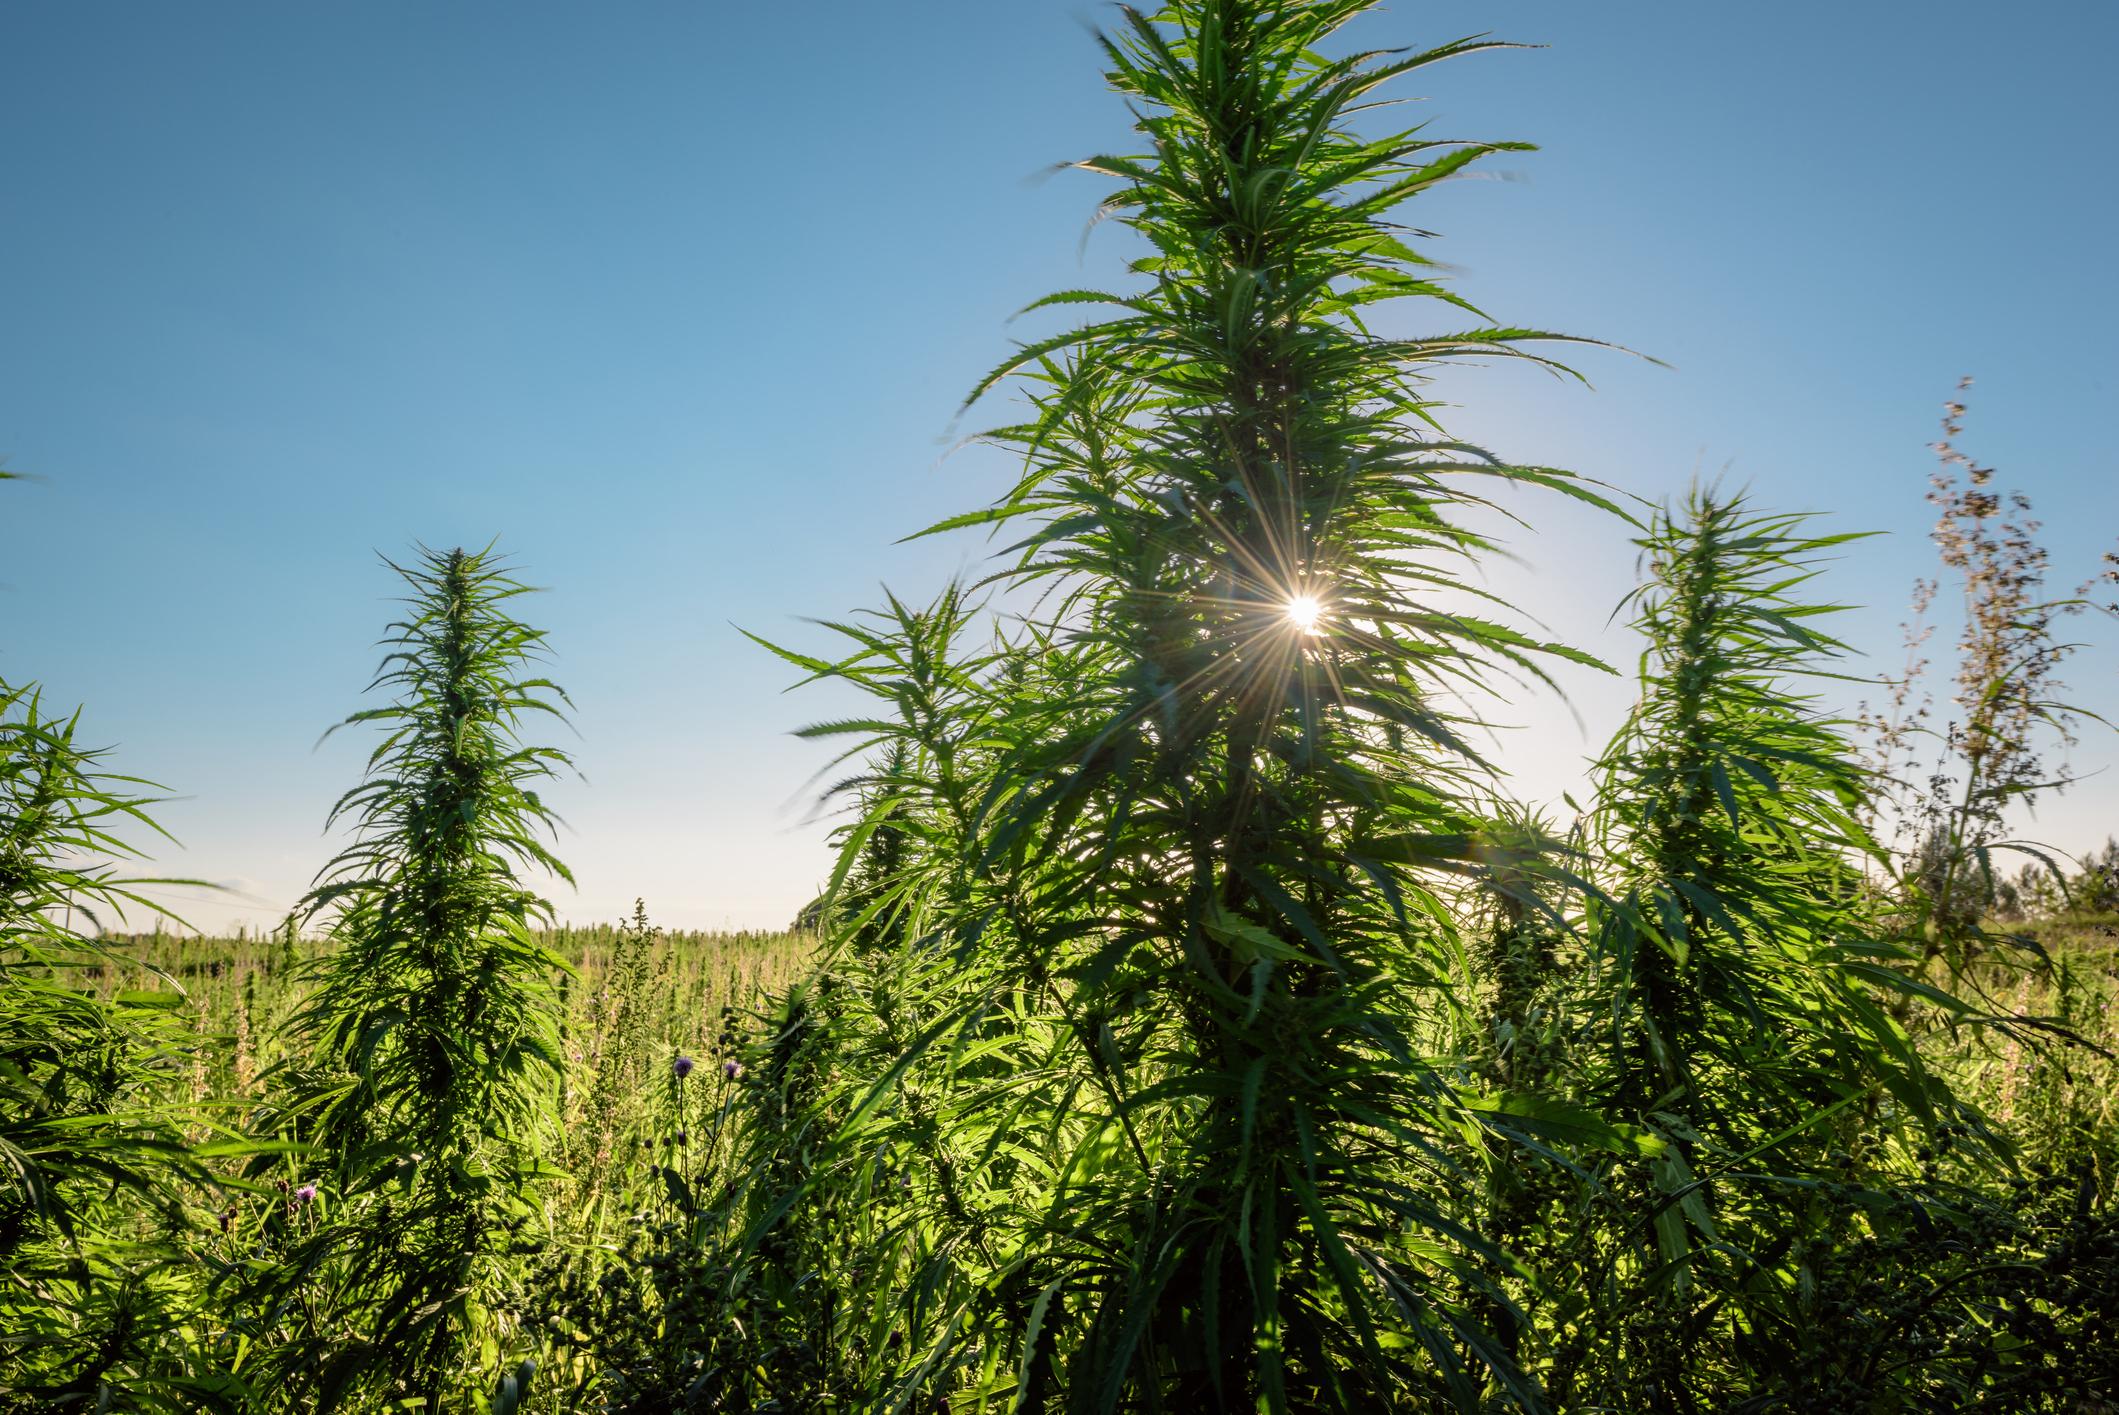 An outdoor hemp plant grow farm.